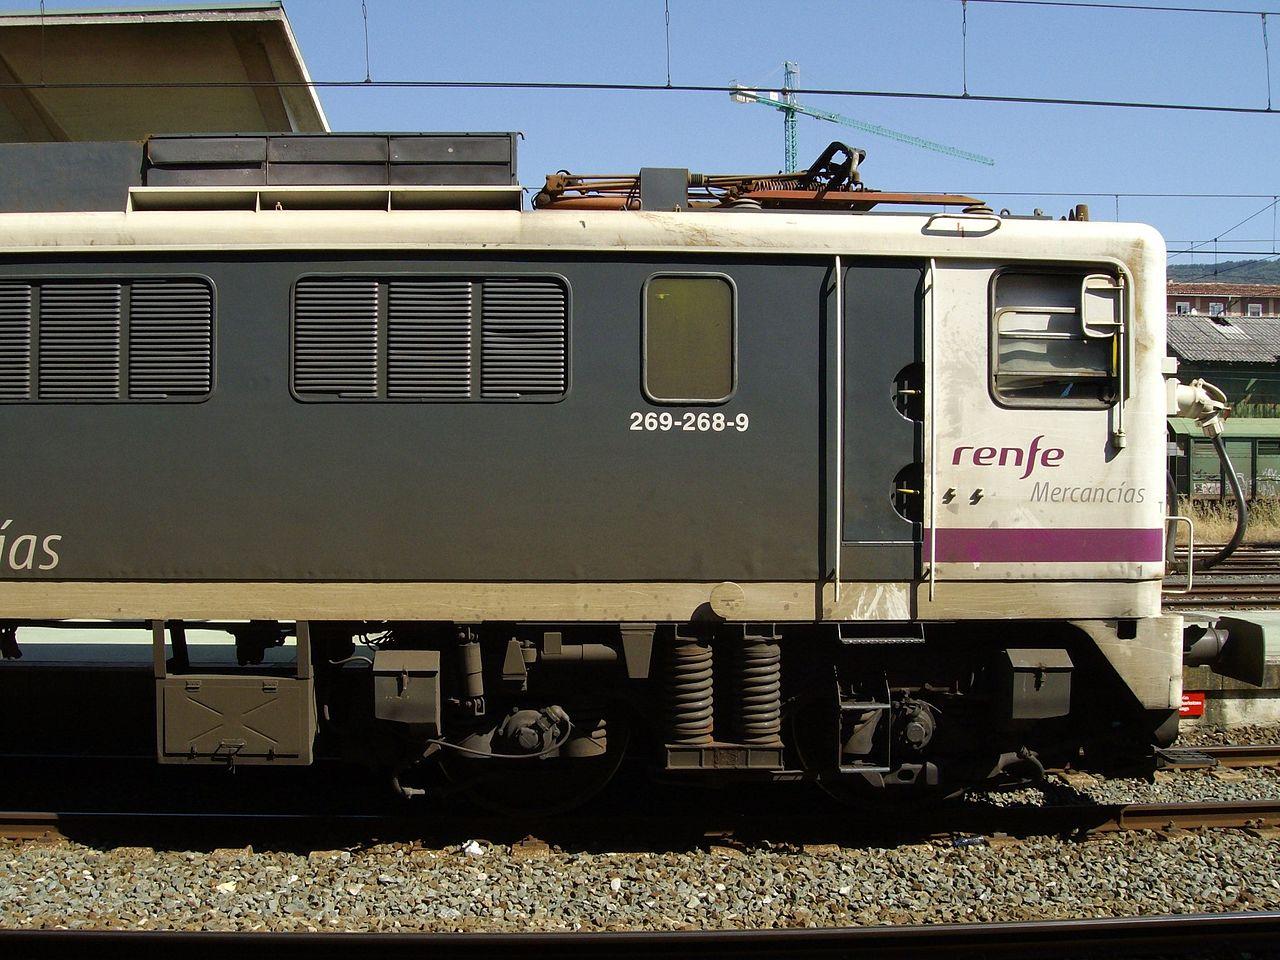 Locomotora 269.268 con esquema pantone-mercancías. Foto de Andrés MArqués en Madrid en 2008.